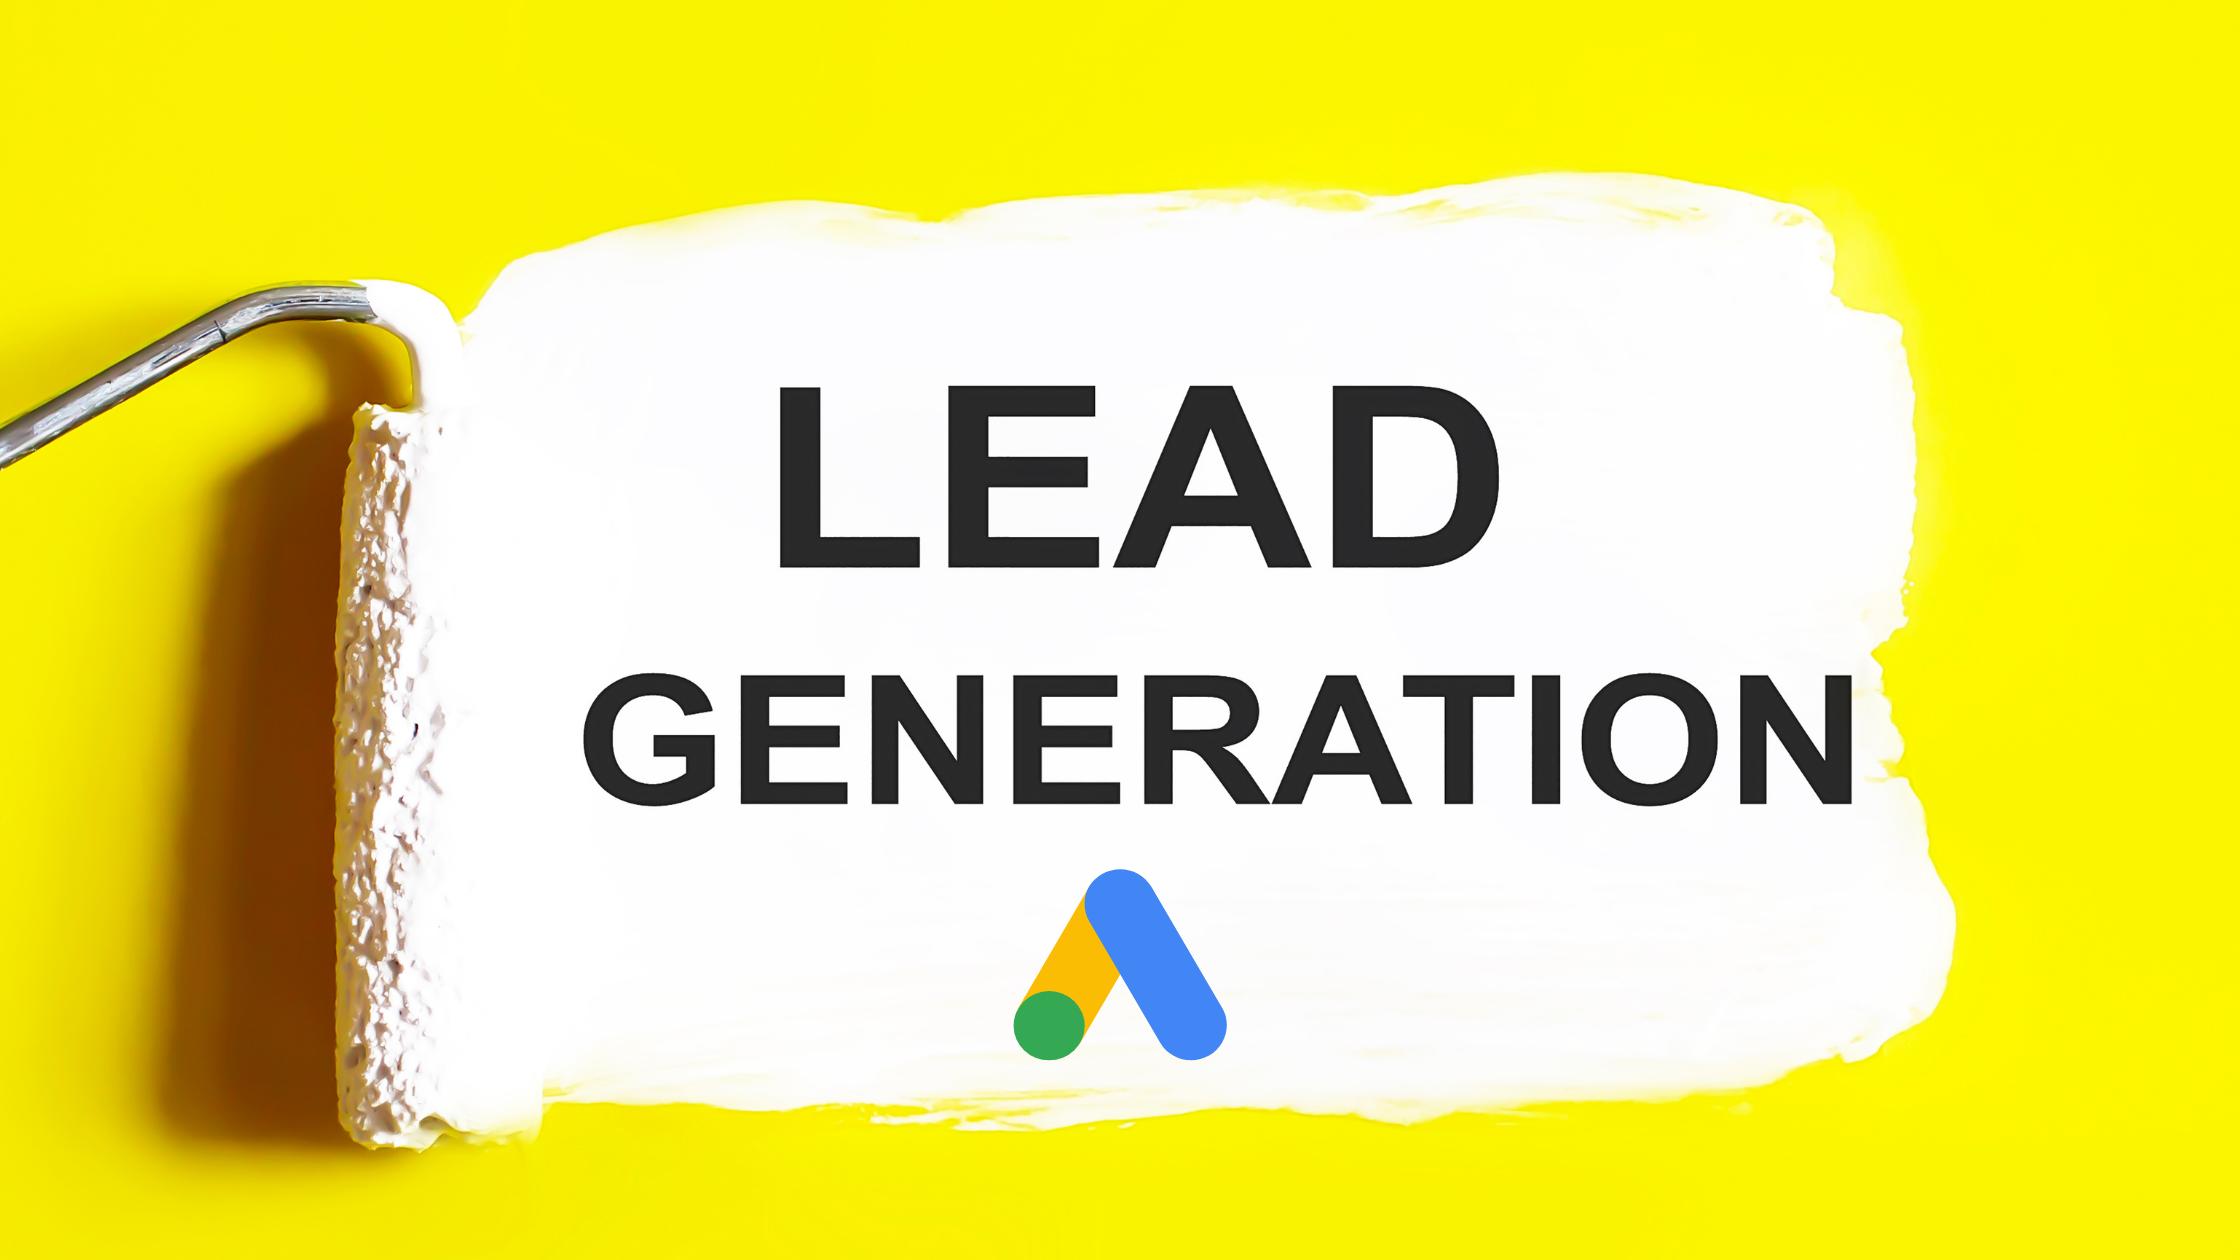 Lead Generation con Google ADS: 6 consigli per acquisire contatti migliori